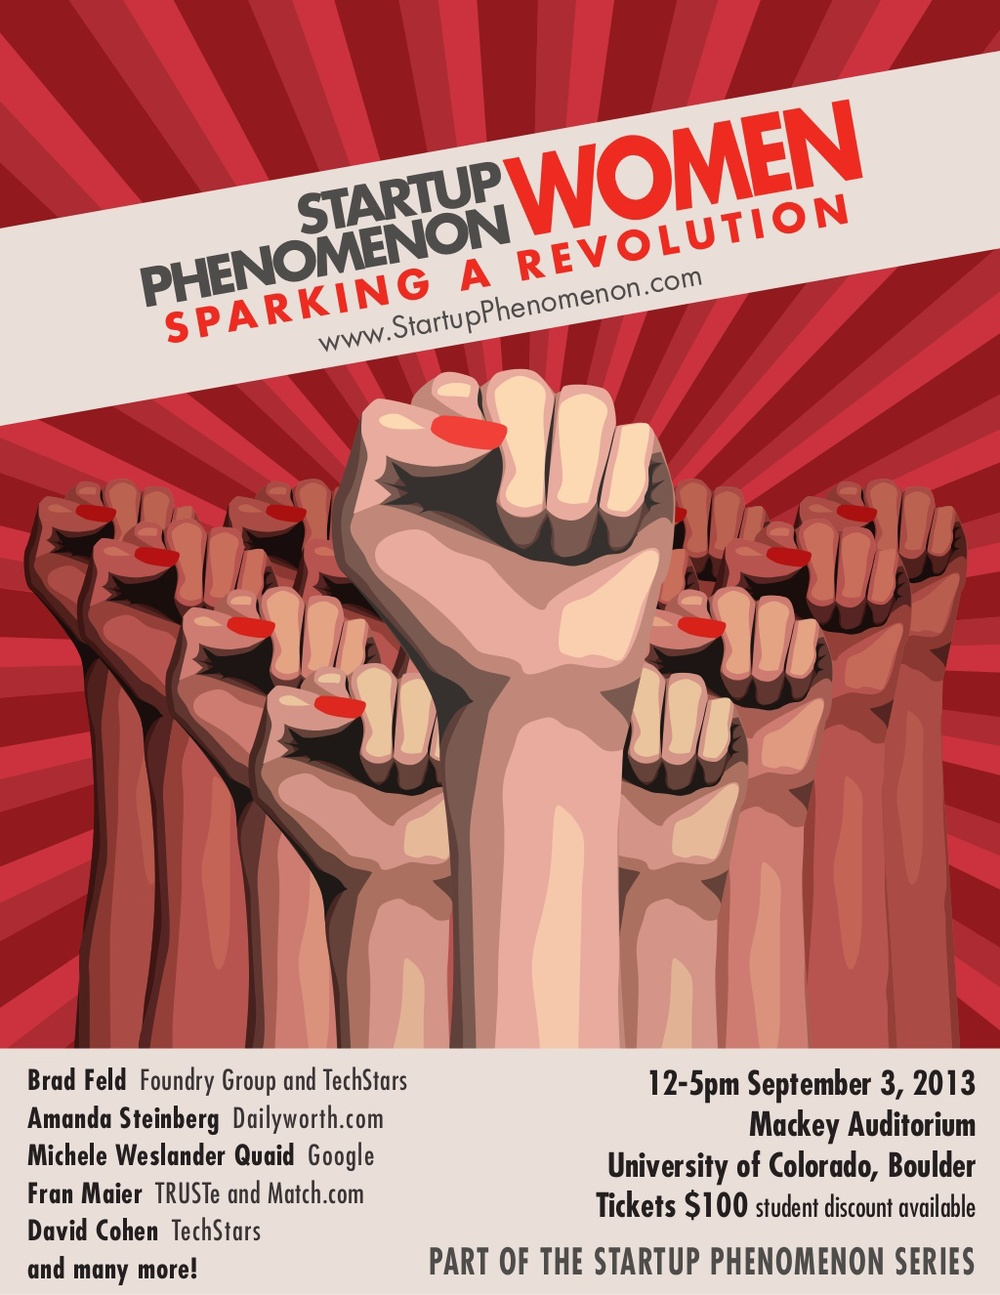 Startup Phenomenon Women.jpg